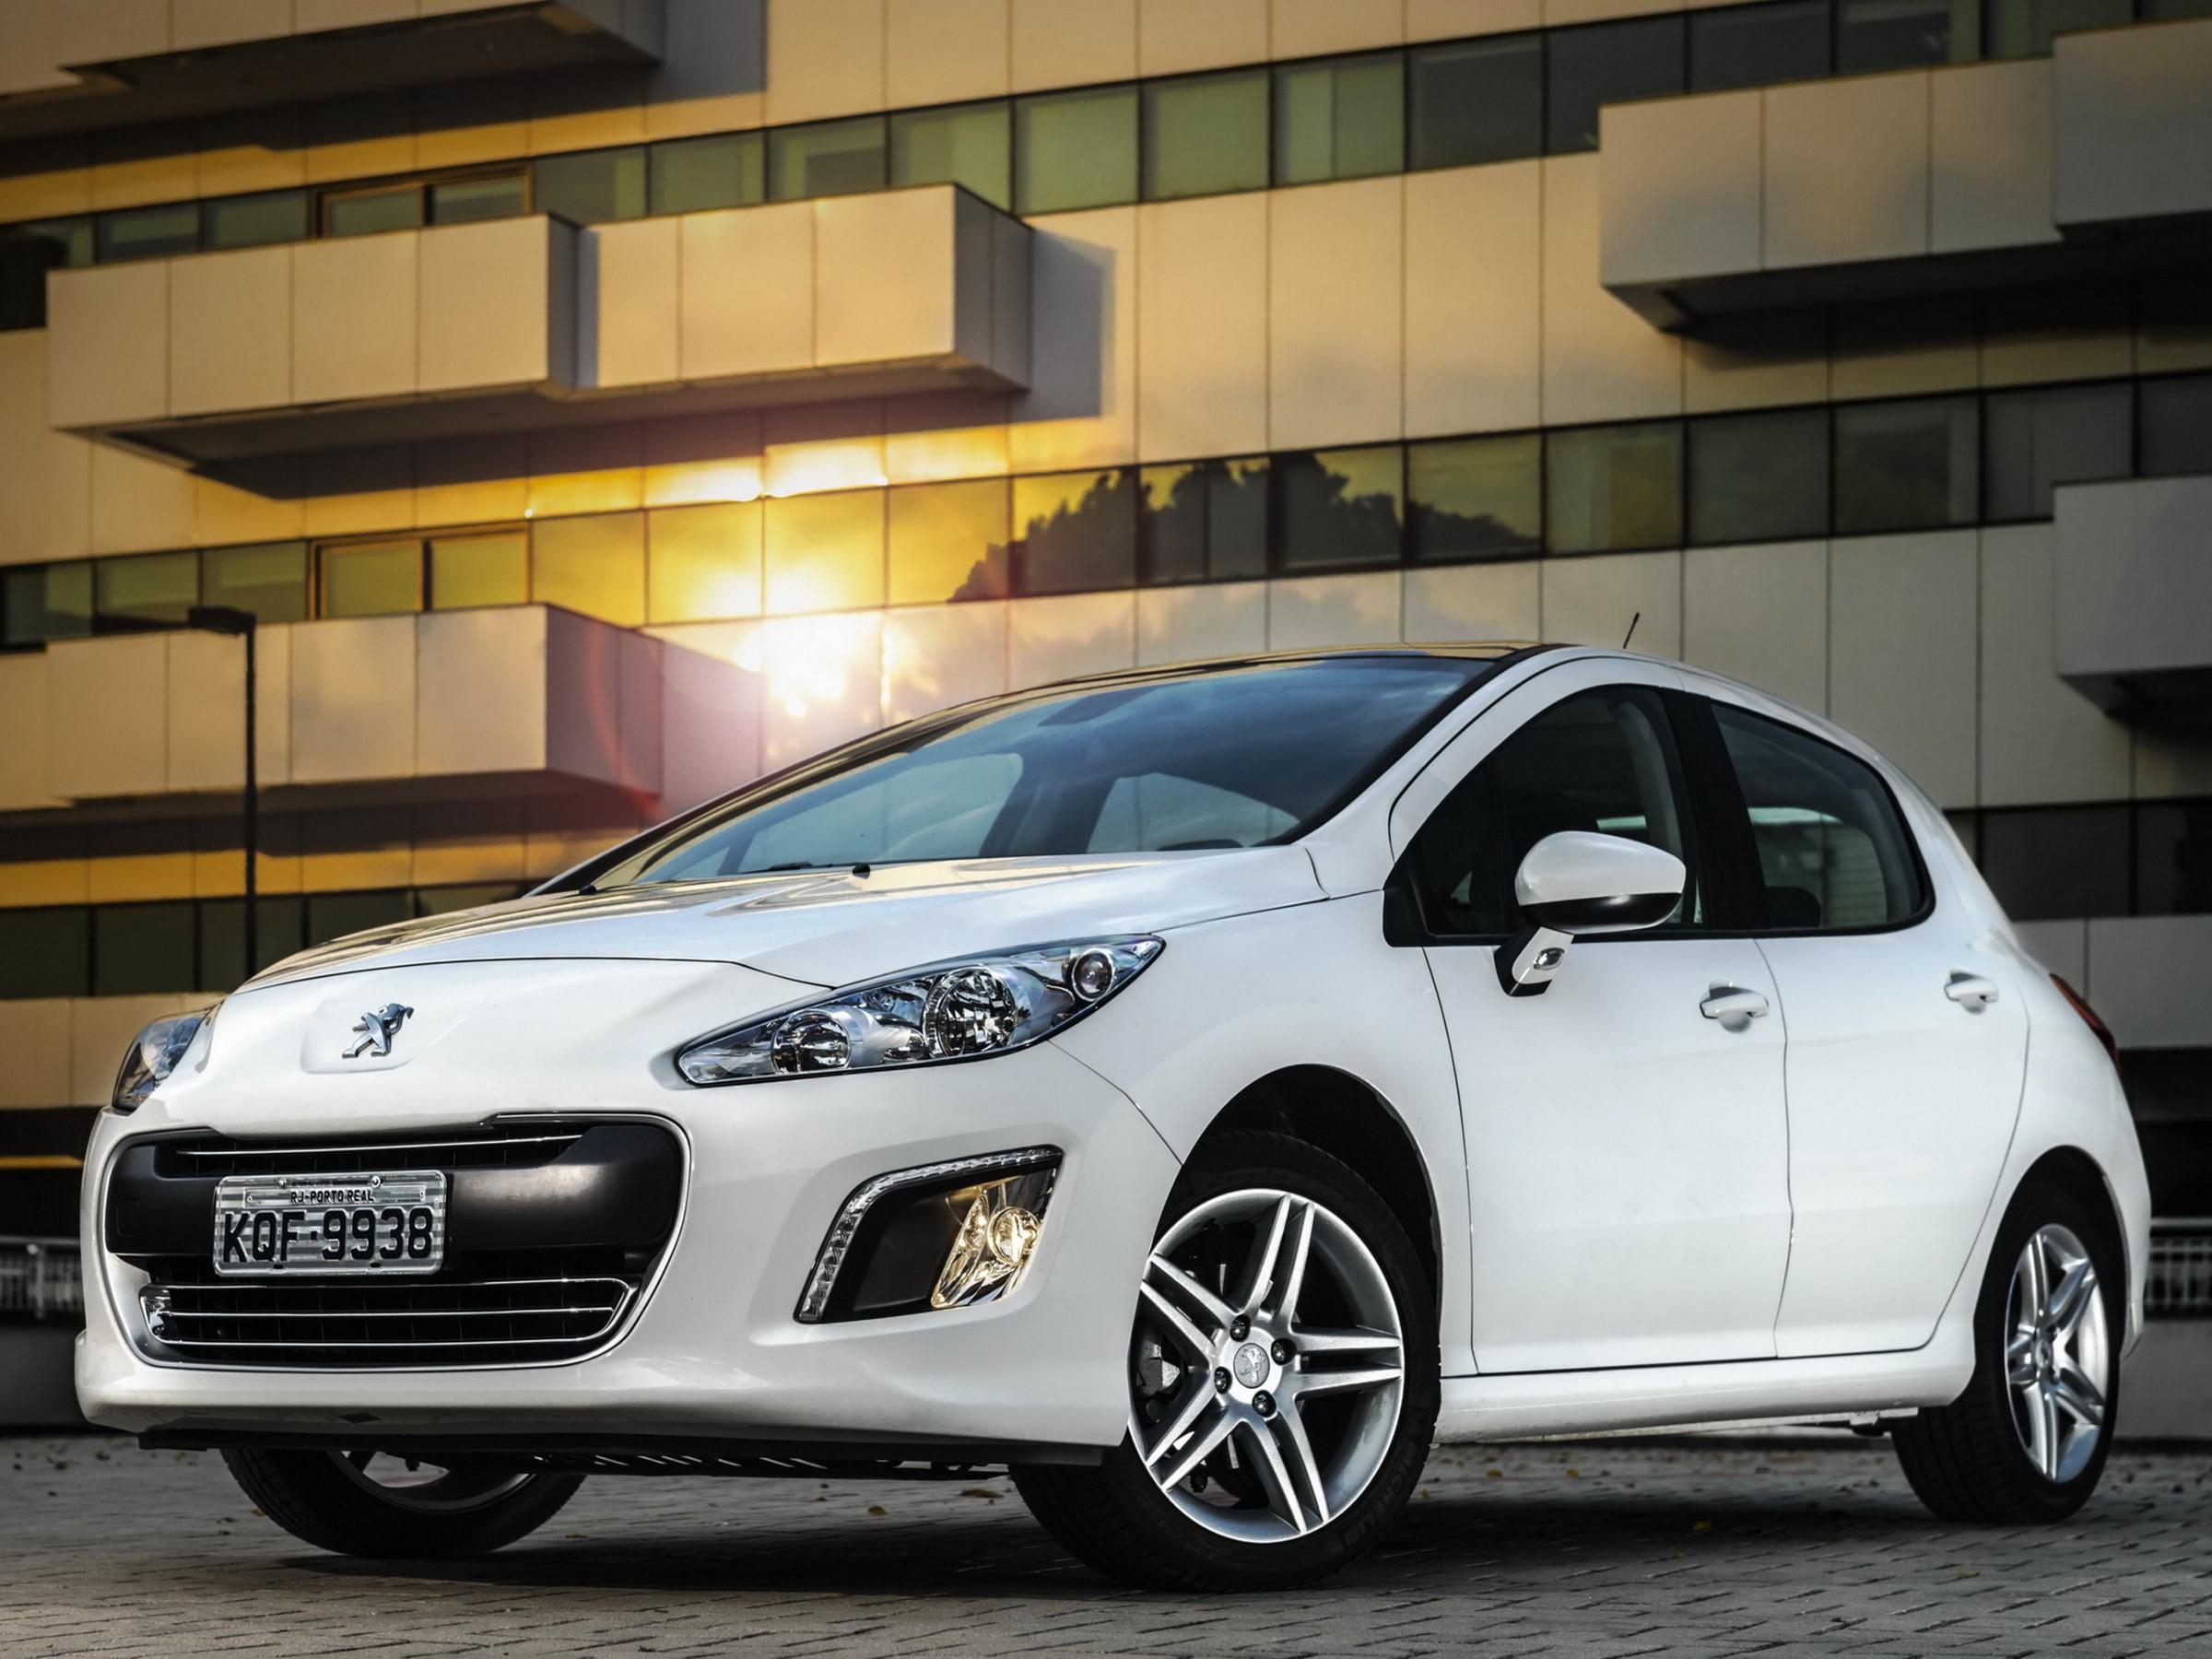 Carros usados de R$ 60 mil: veja 5 boas opções no mercado